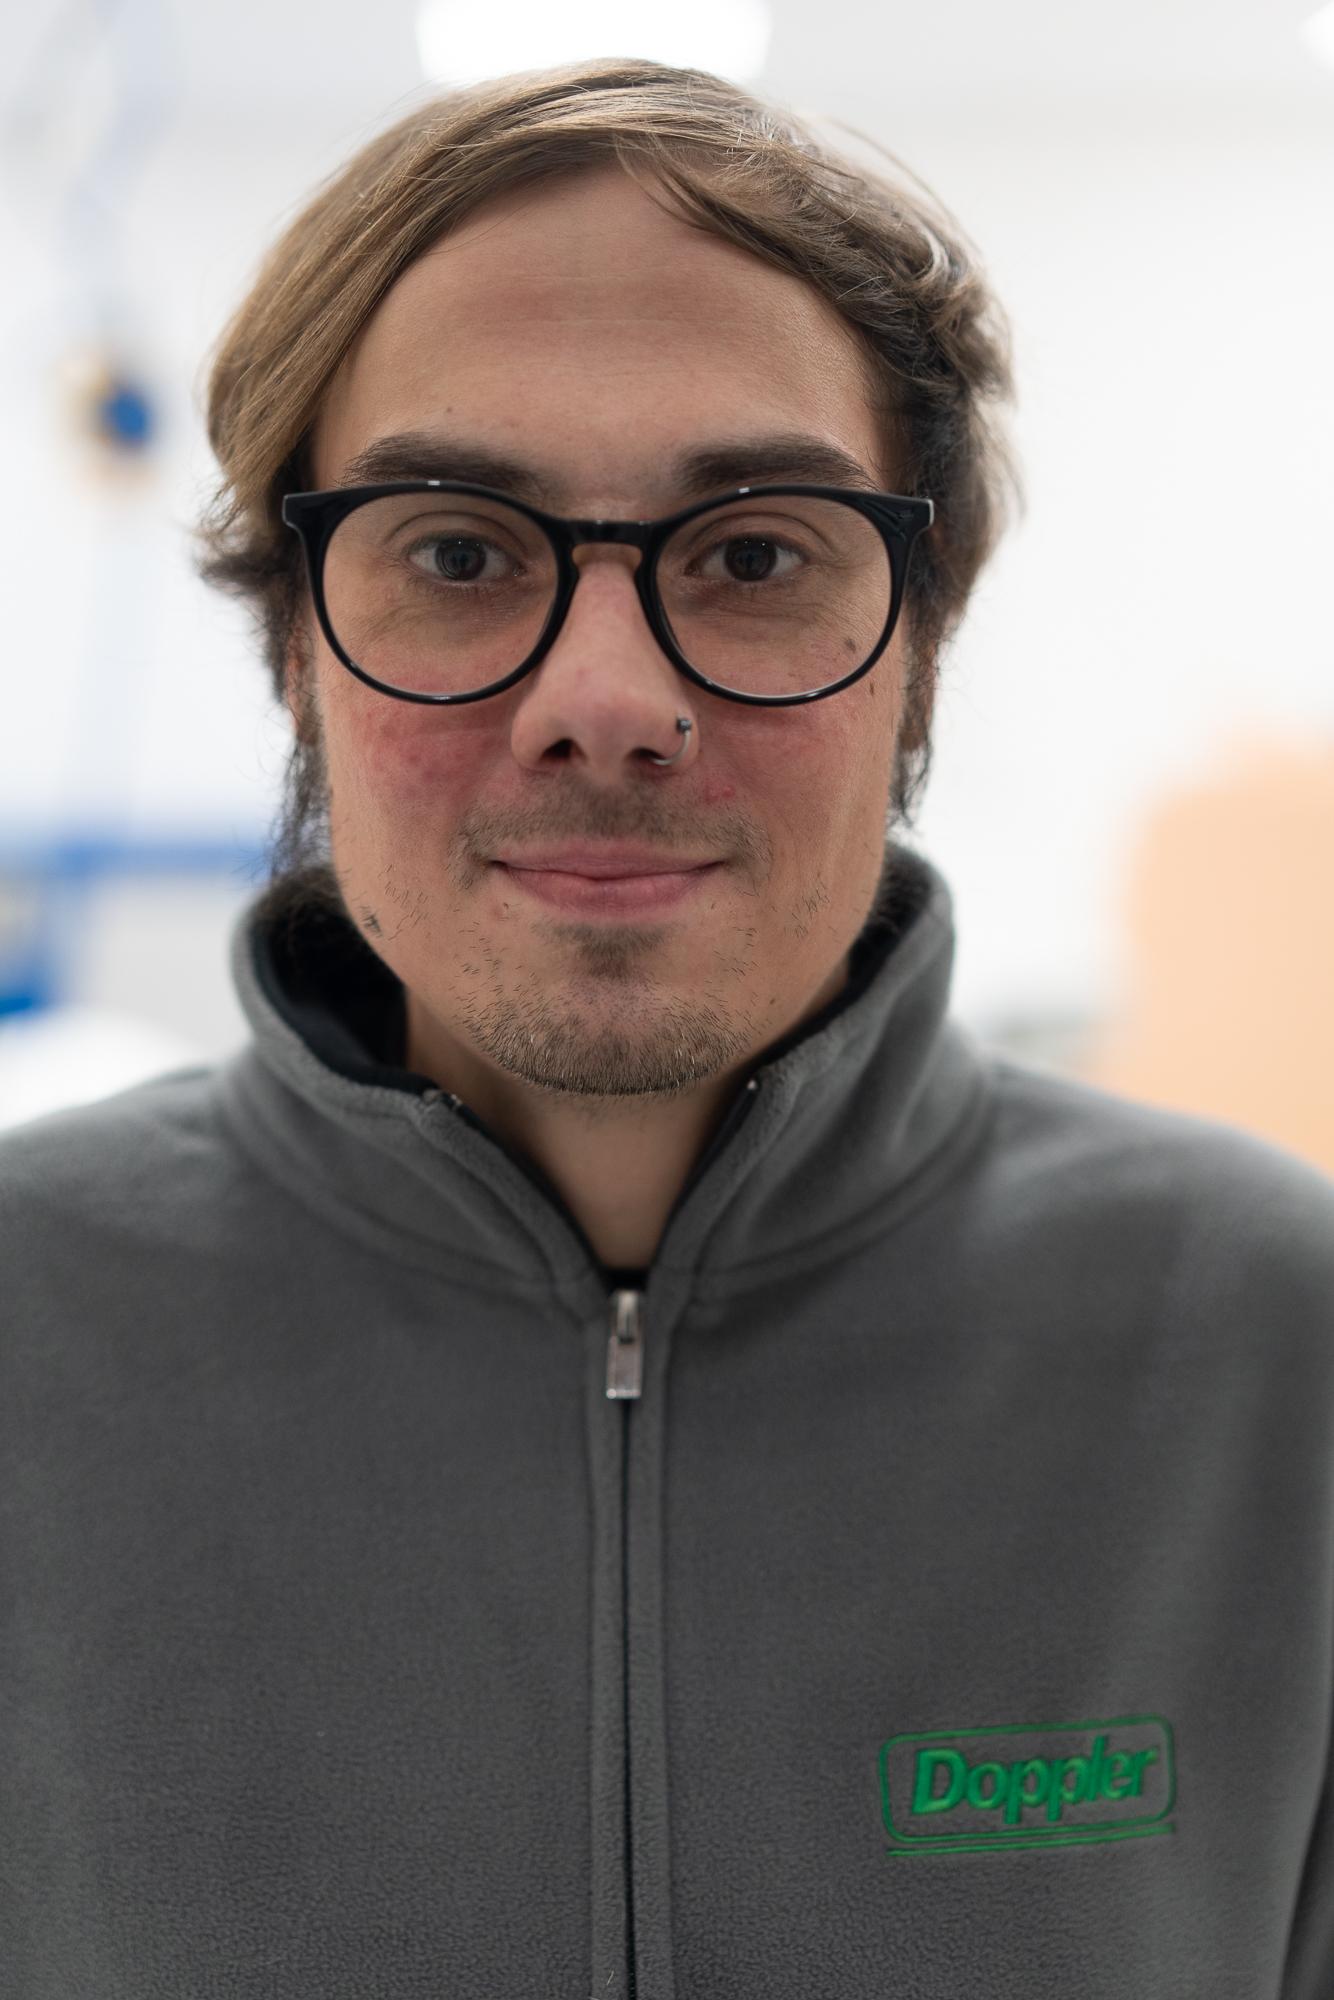 Chris Hunsicker Fachkraft fuer Lagerlogistik